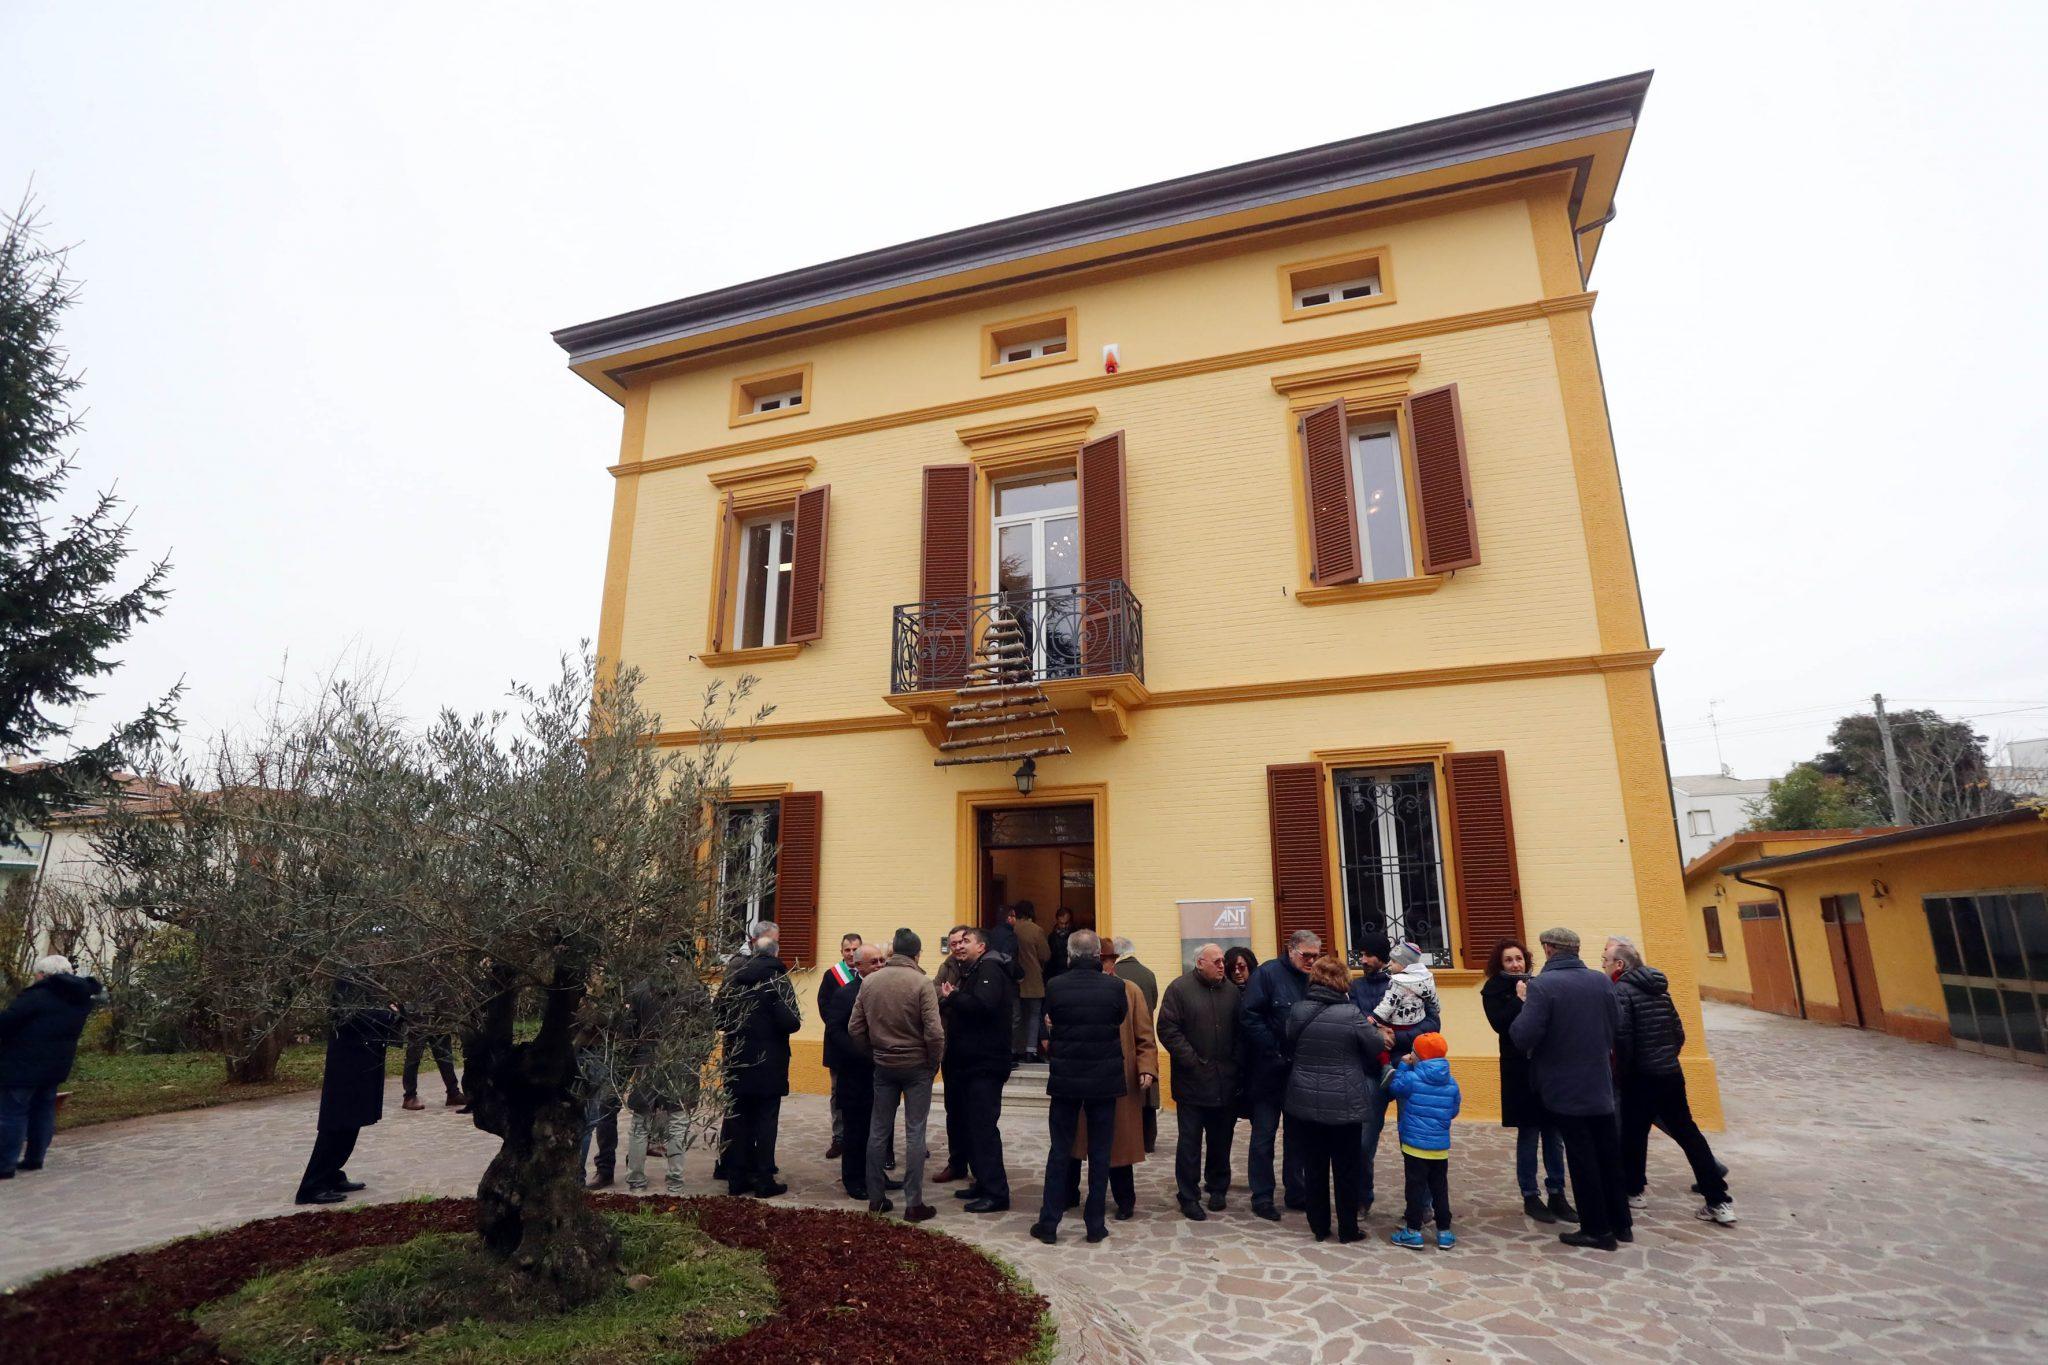 Fotogallery inaugurazione Residenza Melloni